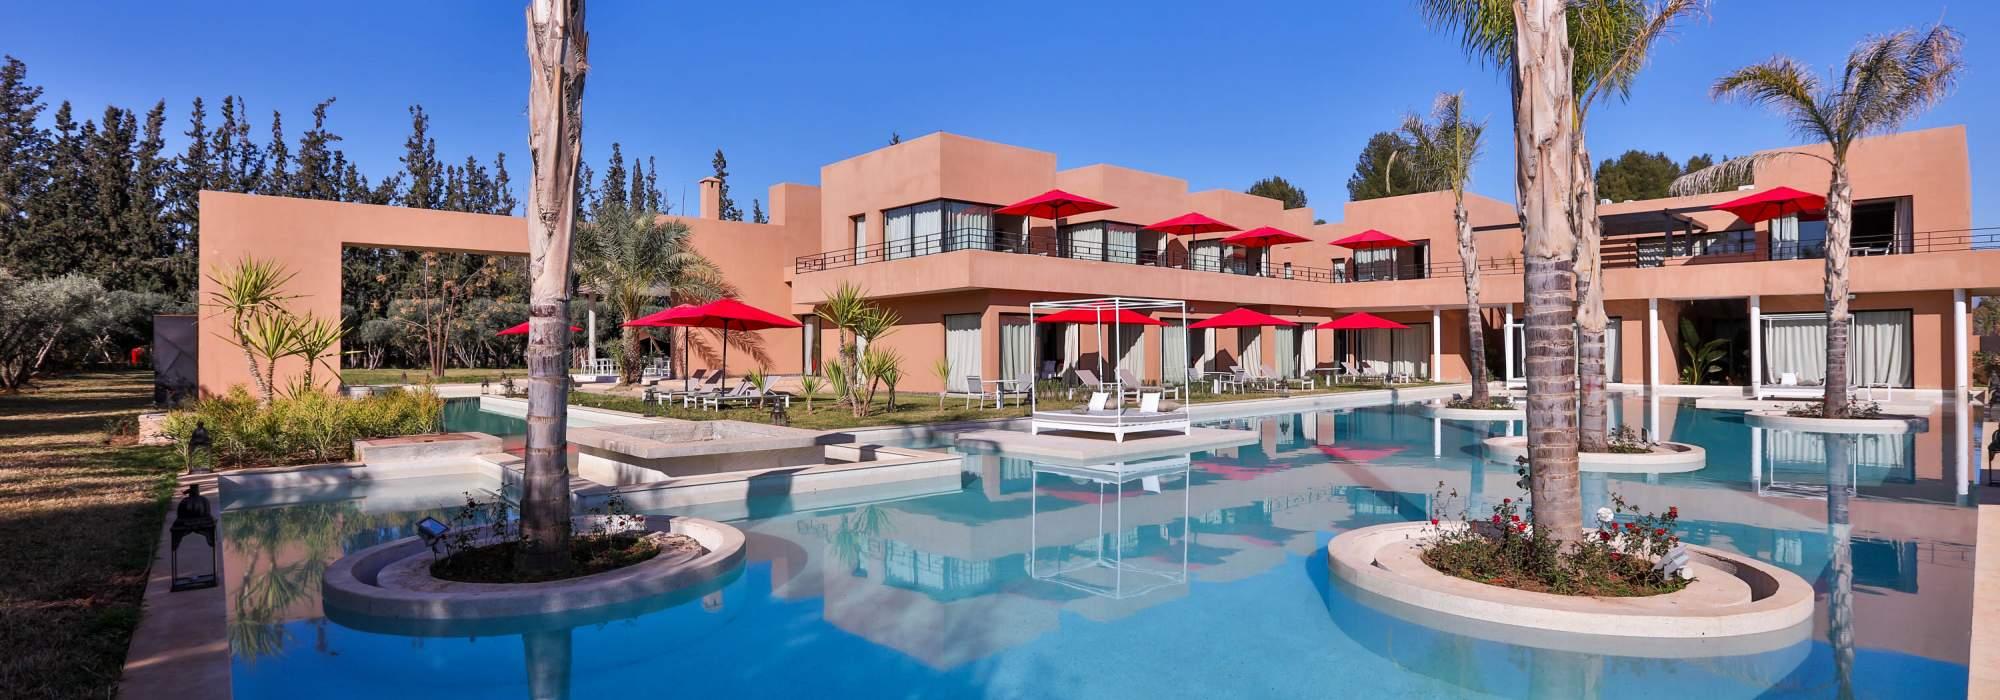 vente Palais d'hôtes Contemporain palmeraie marrakech